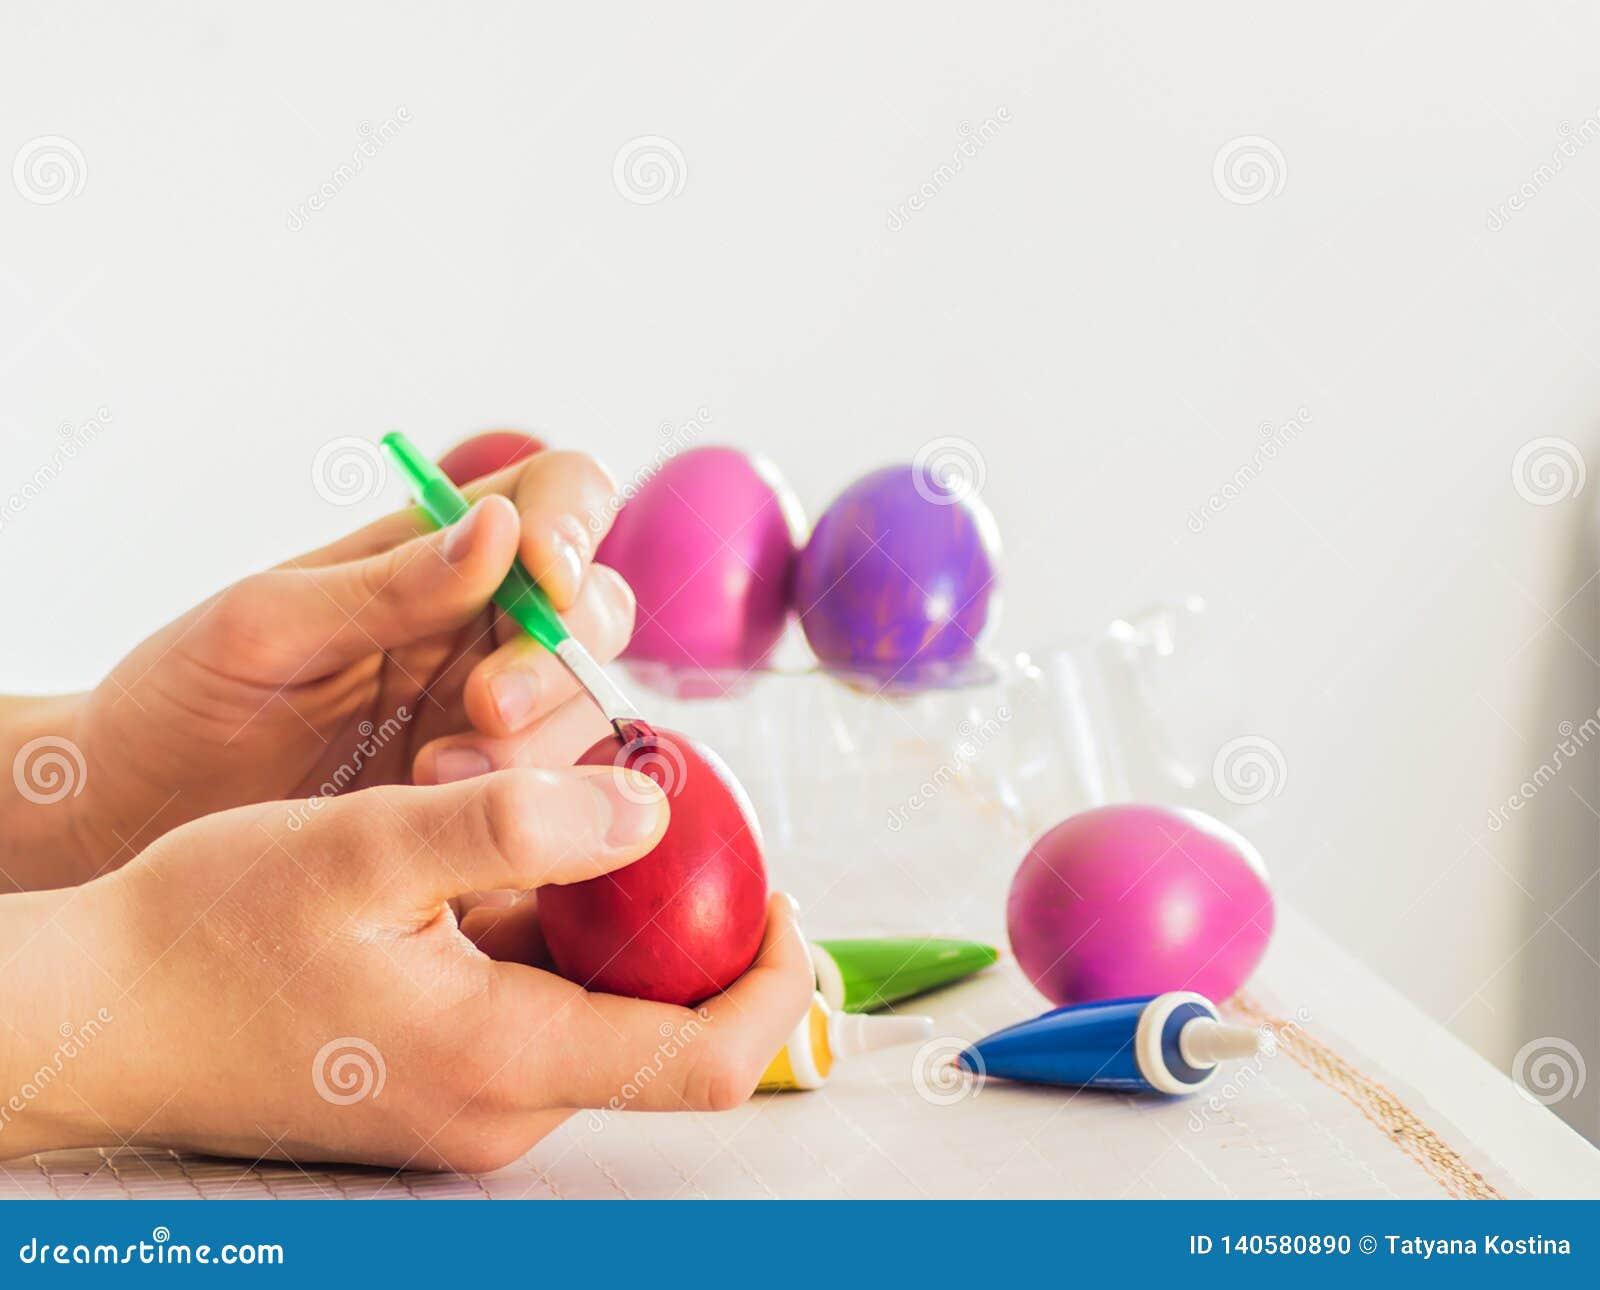 Wielkanocnego jajka kolorystyki proces z muśnięciem akrylowe farby, ręki akcja na białym stole na białym tle pokój